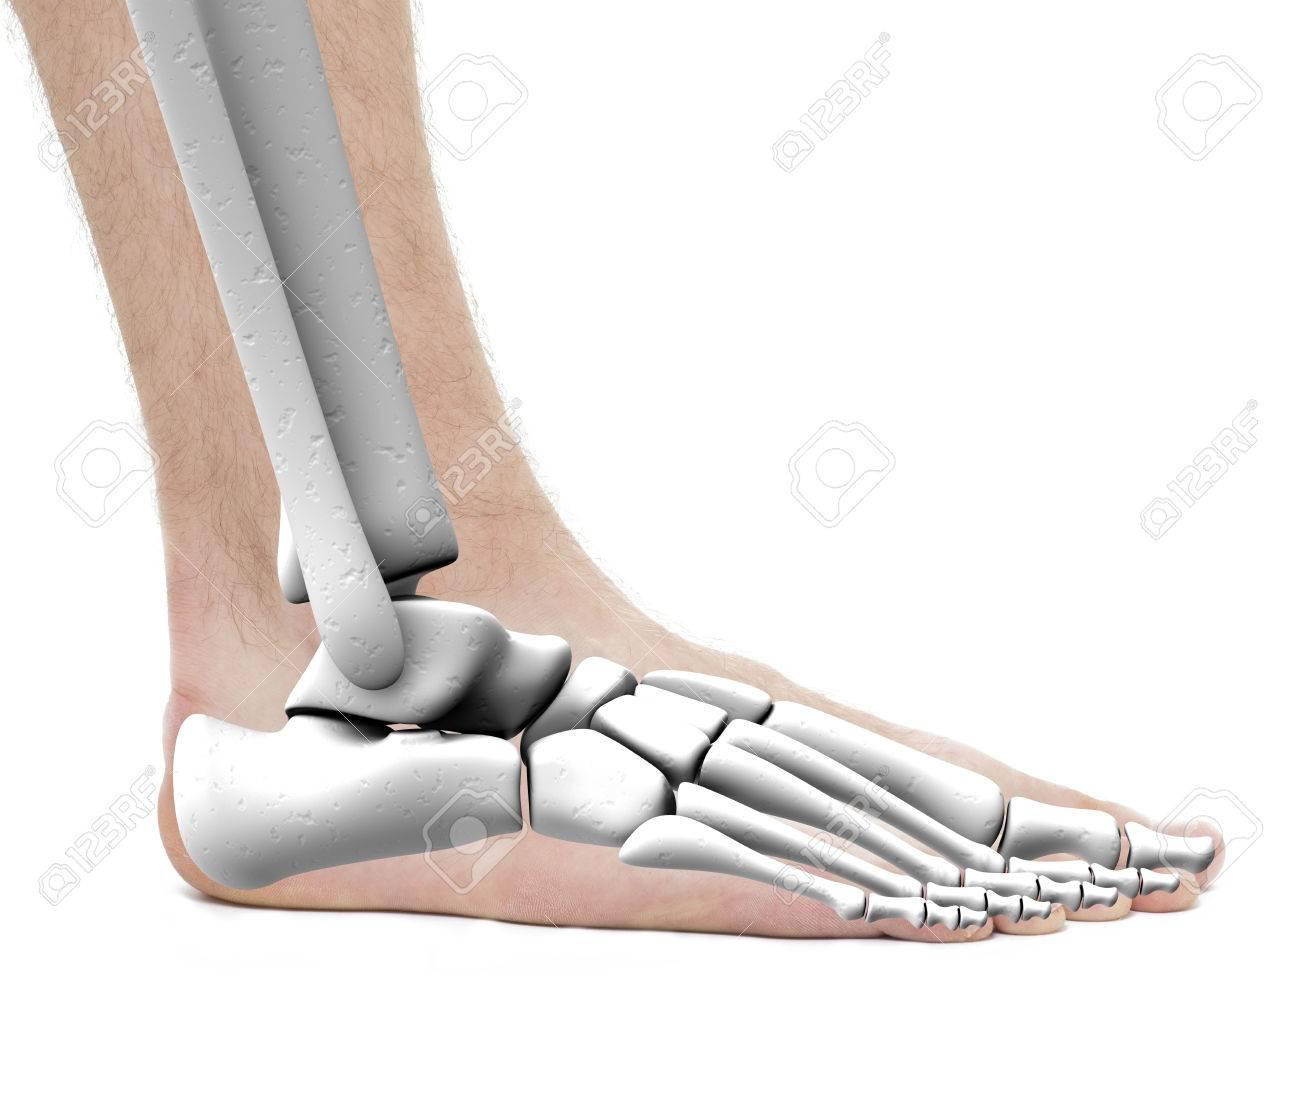 Groß Anatomie Fuß Galerie - Anatomie Von Menschlichen Körperbildern ...